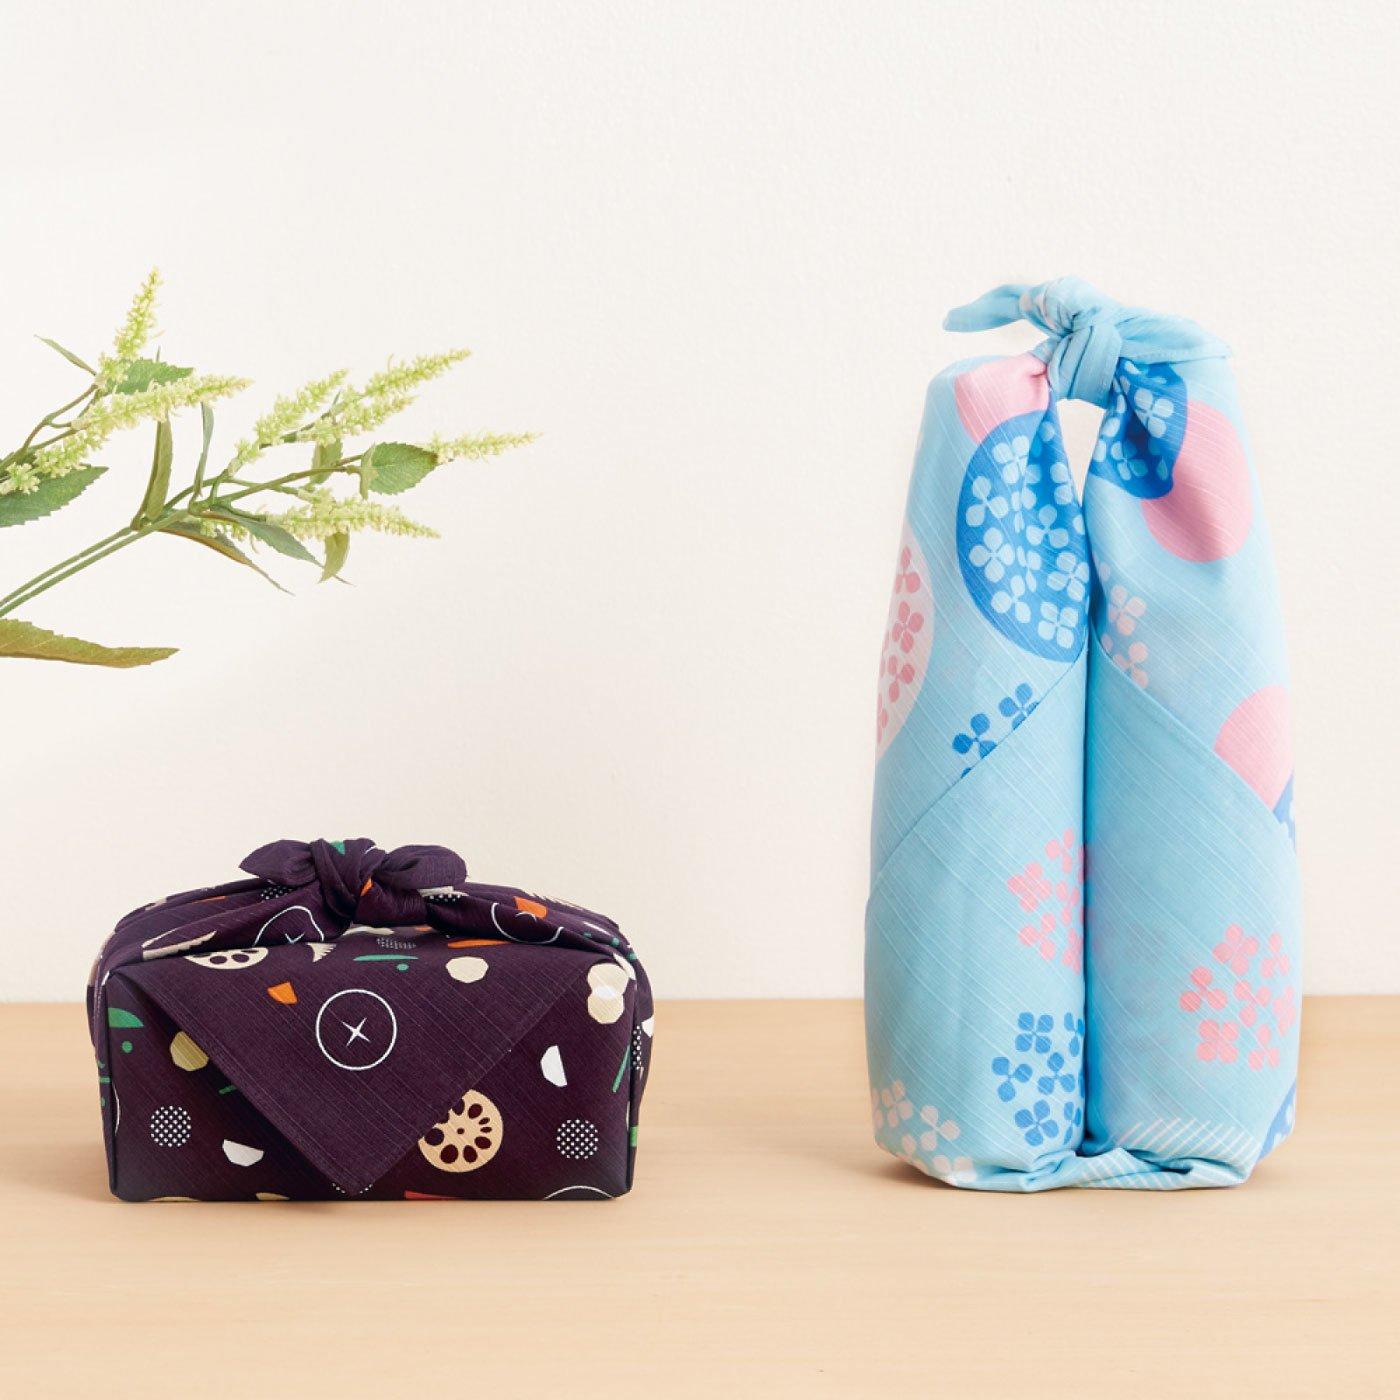 小粋なバッグを結んで仕立てる おかみさんの大風呂敷と風呂敷リングセット